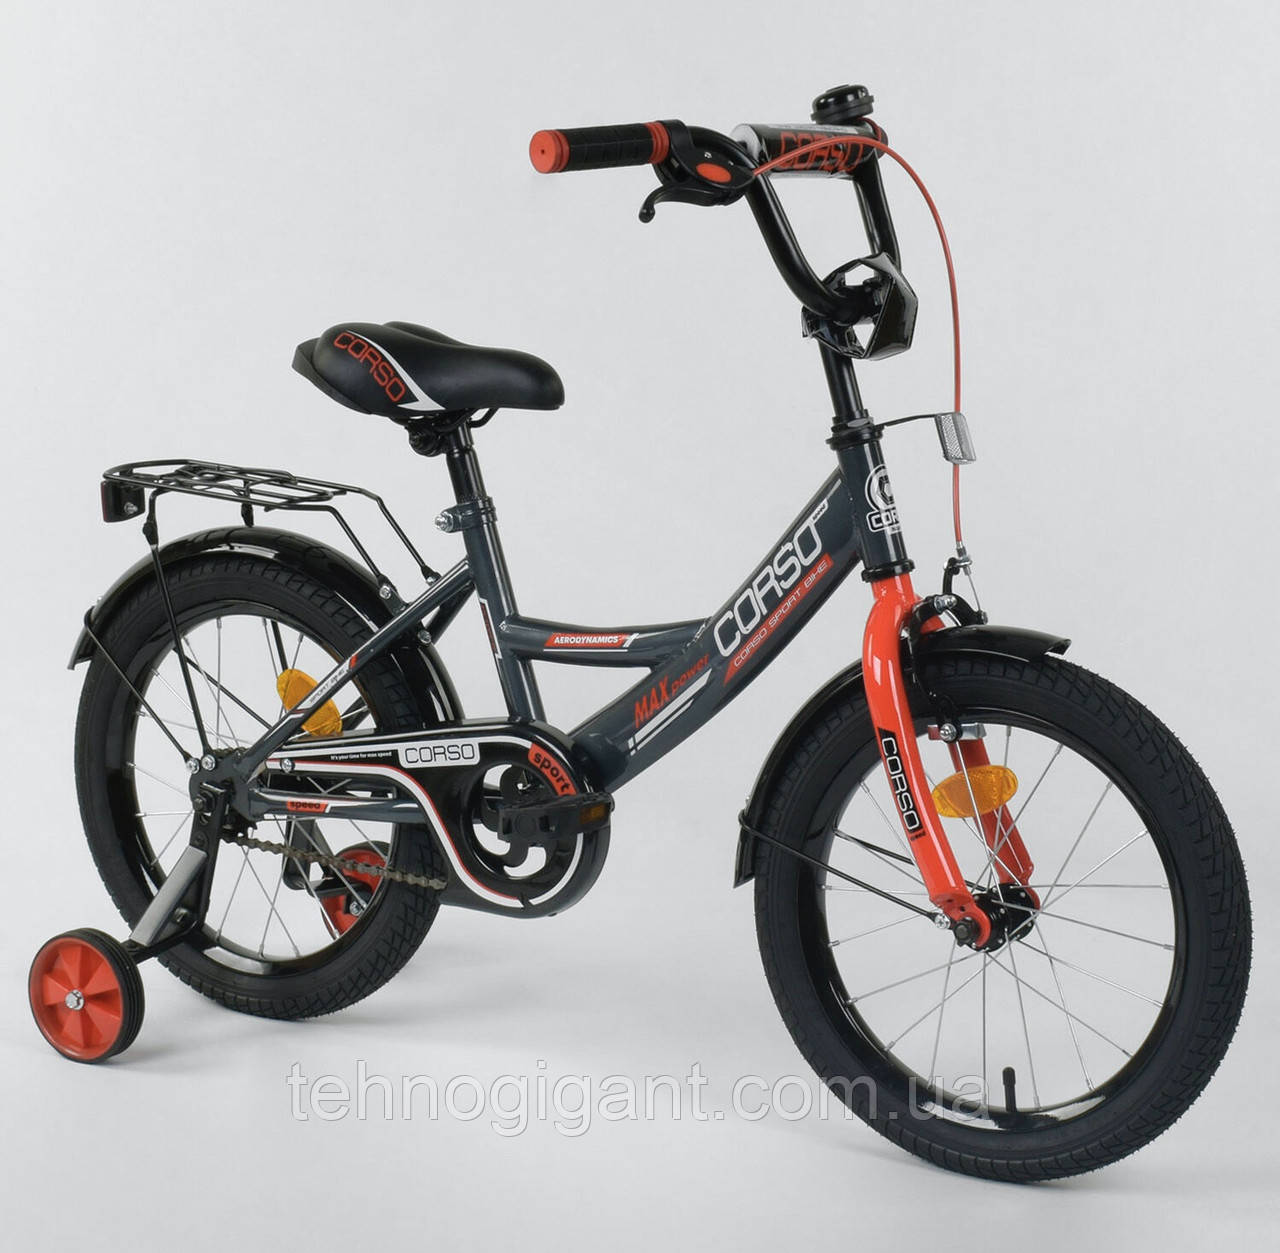 Велосипед детский двухколесный 16 Серый, CORSO CL-16, 4-6 лет, боковые колеса, ручной тормоз, багажник